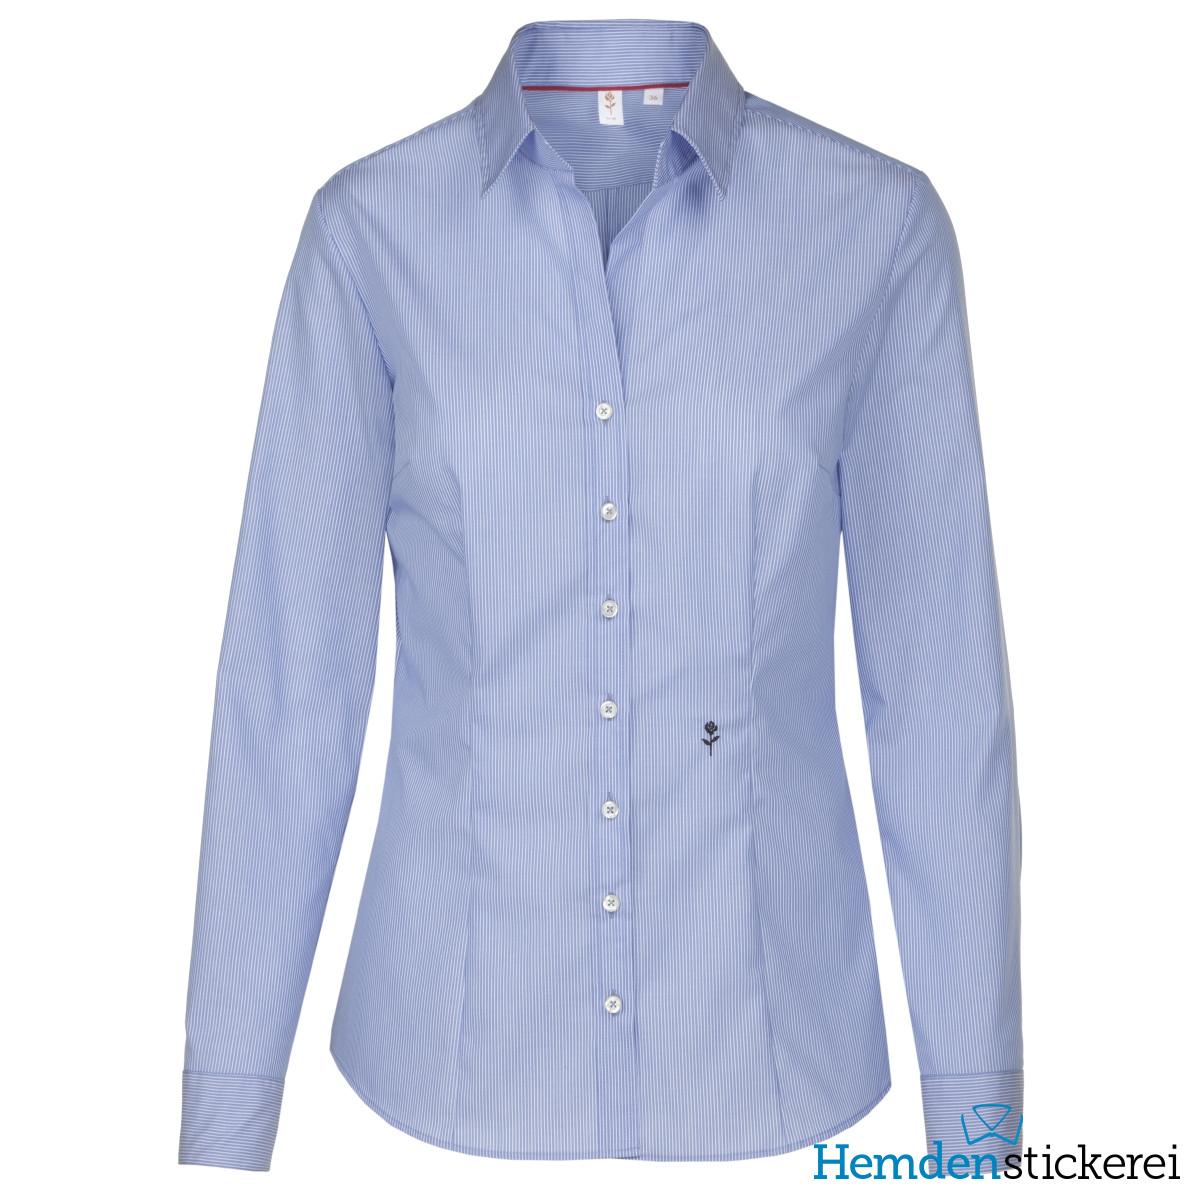 ... Seidensticker Damen Bluse SLIM 1 1 Arm Kent-Kragen bügelfrei Blau  kariert Seite zurück. inkl. Stick. lightbox 6300d35cf0